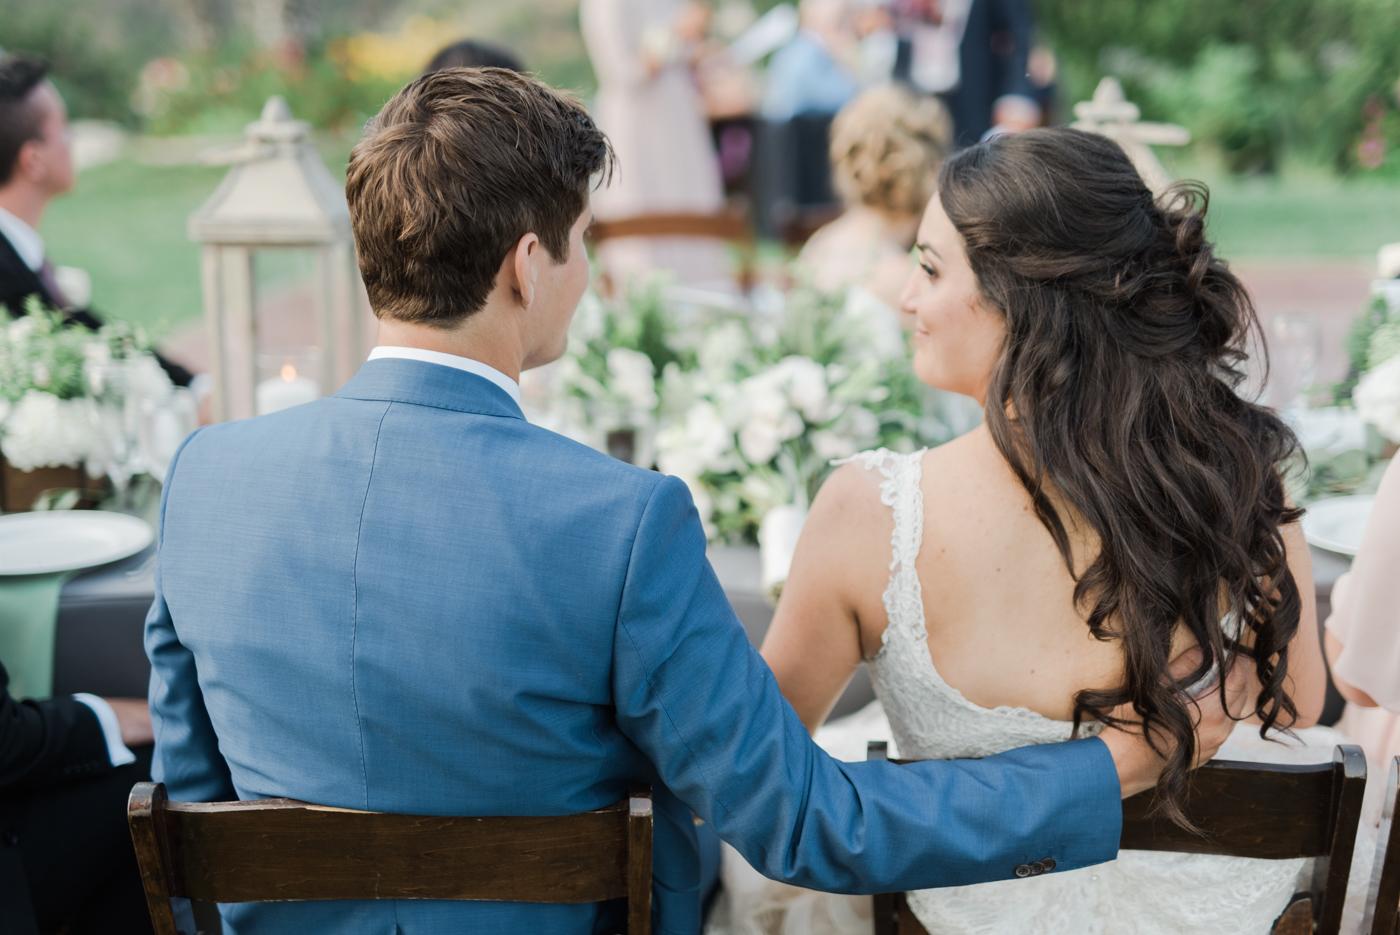 AKP_S&F_Malibu_Wedding_Fine_Art_Photography_Los_Angeles-46_reception.jpg